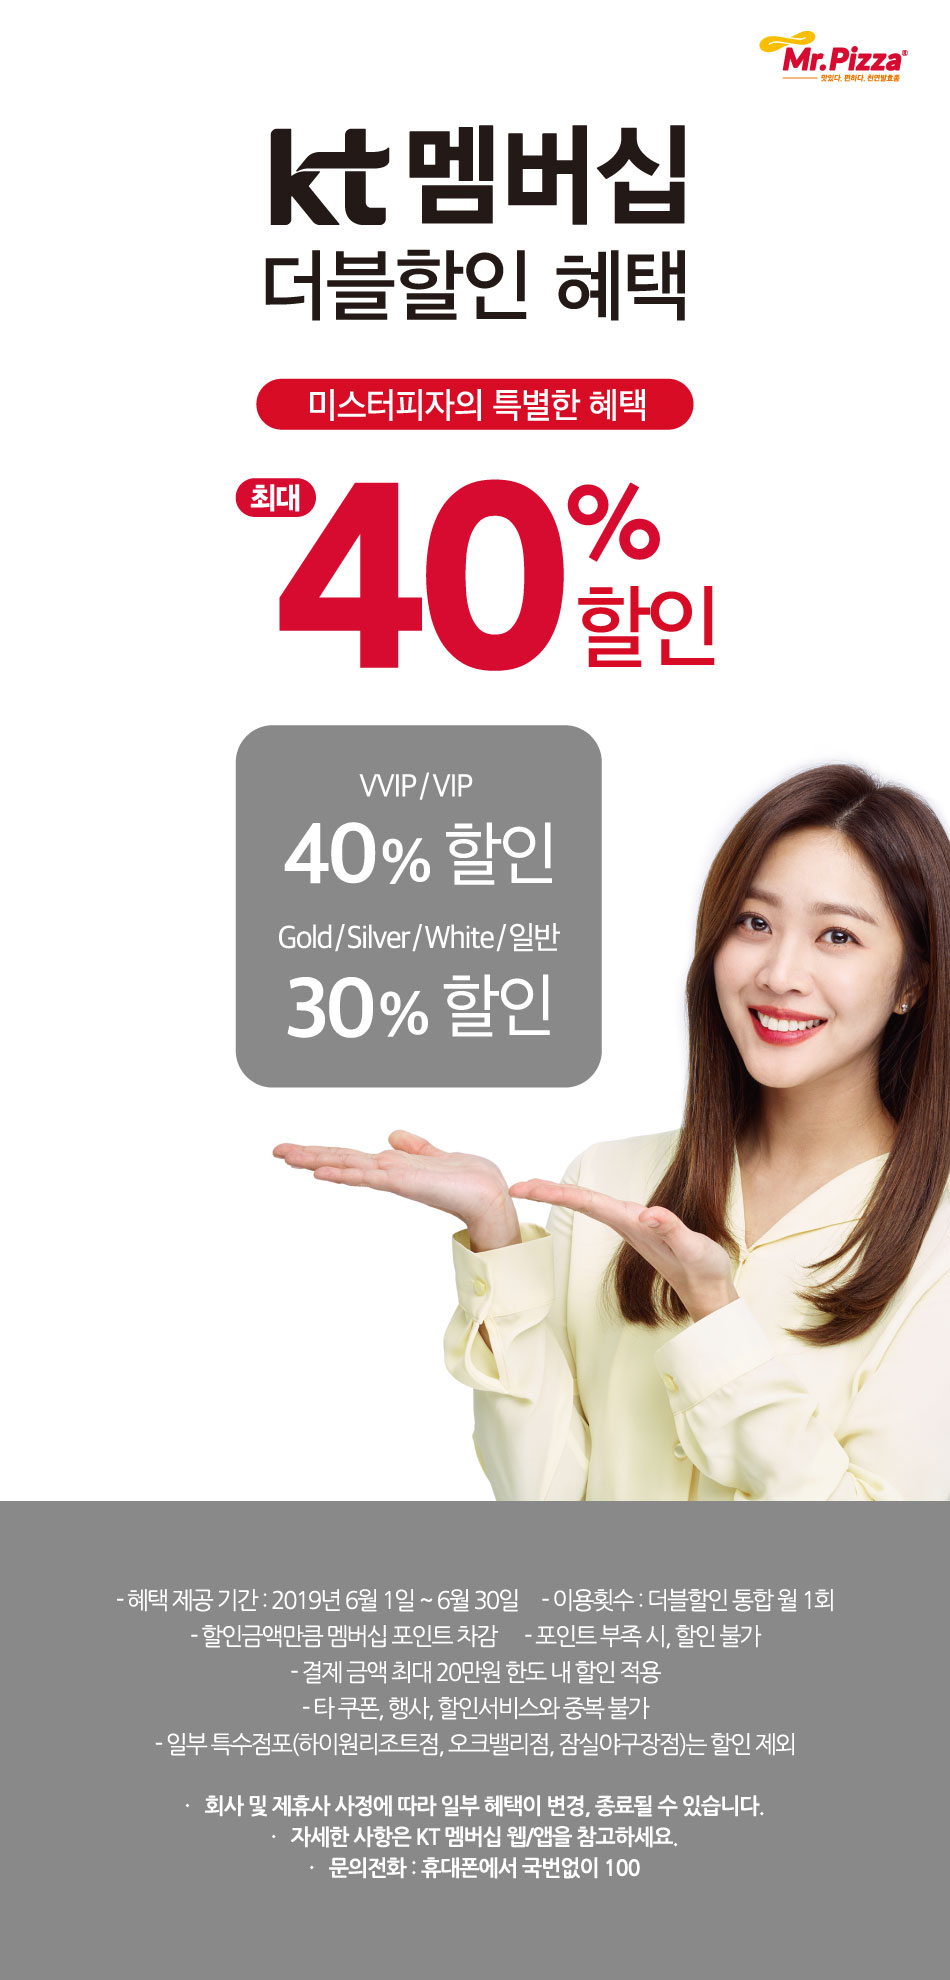 6월 한달간 kt멤버십 더블할인! 최대 40%